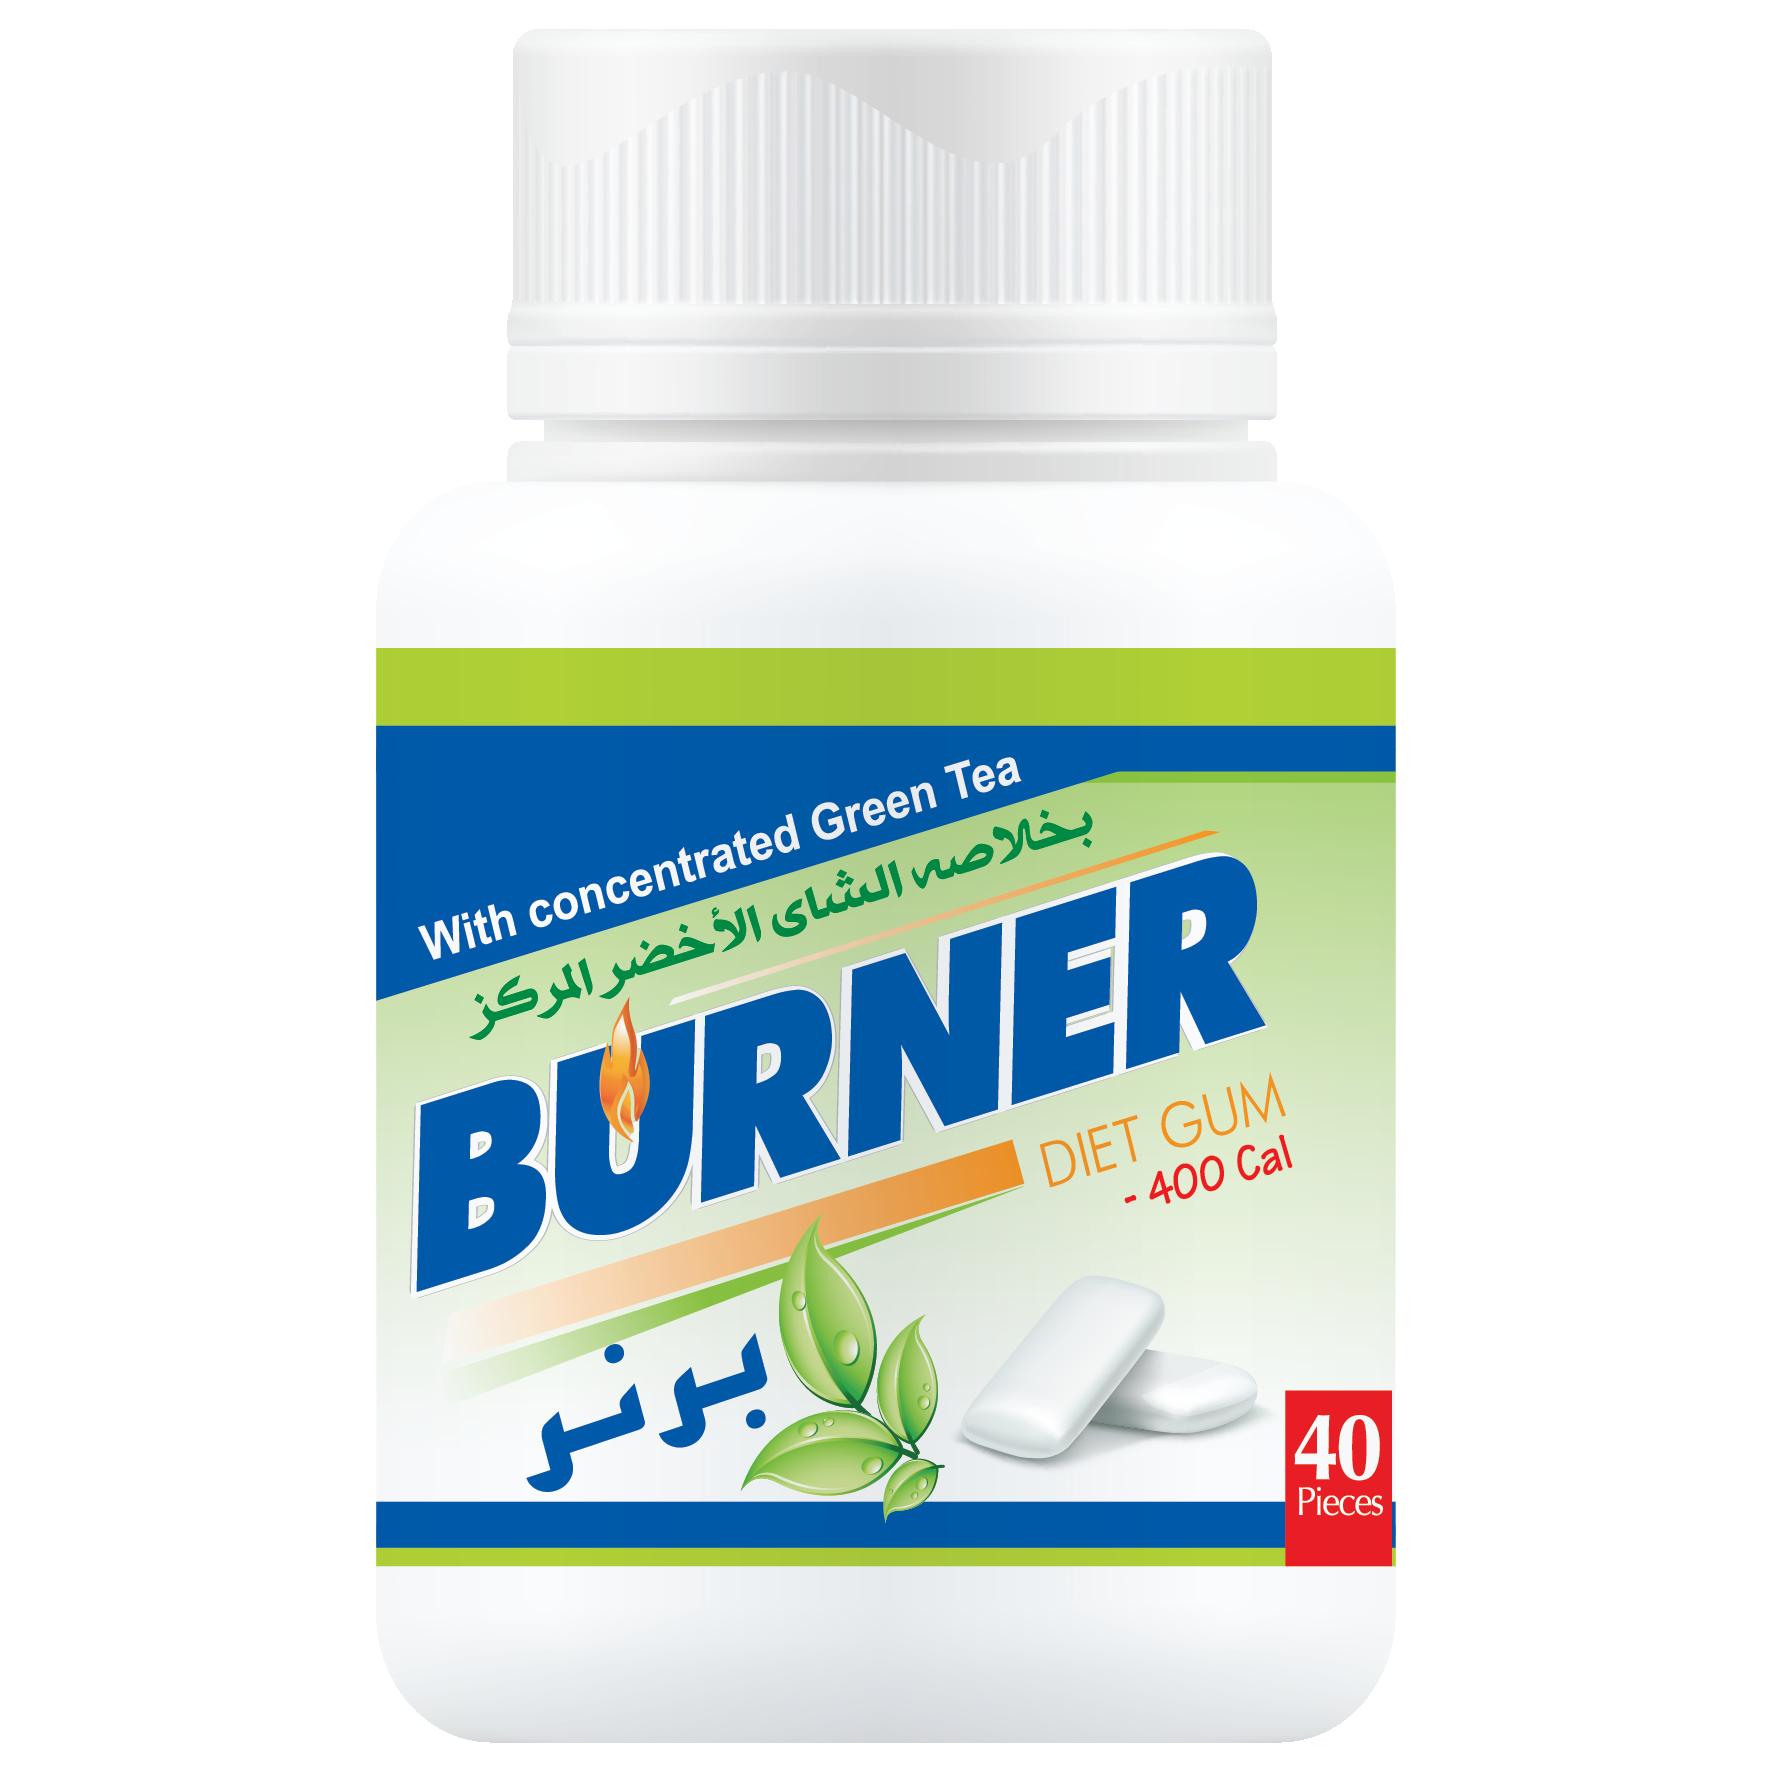 Burner - Diet Gum 00003